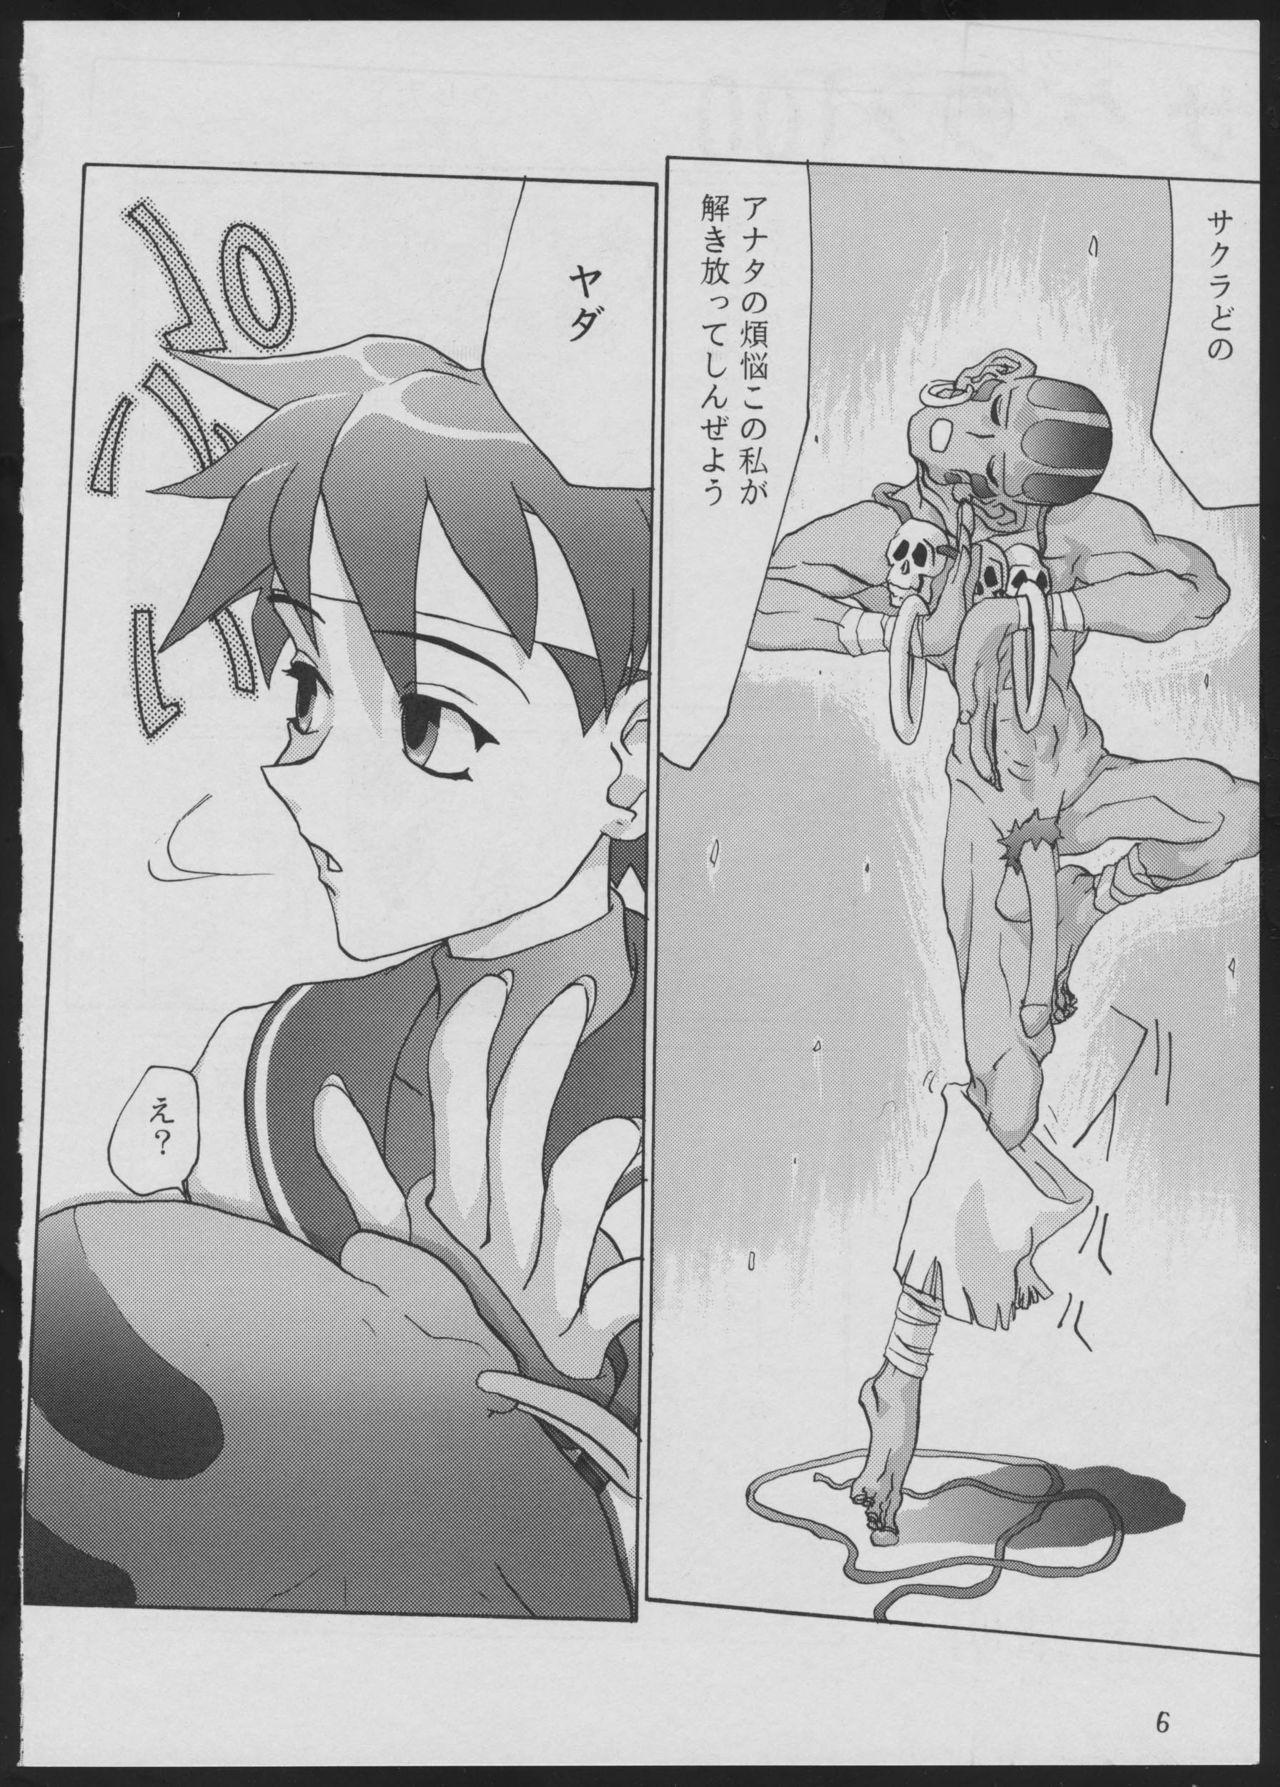 '96 Natsu no Game 18-kin Special 5